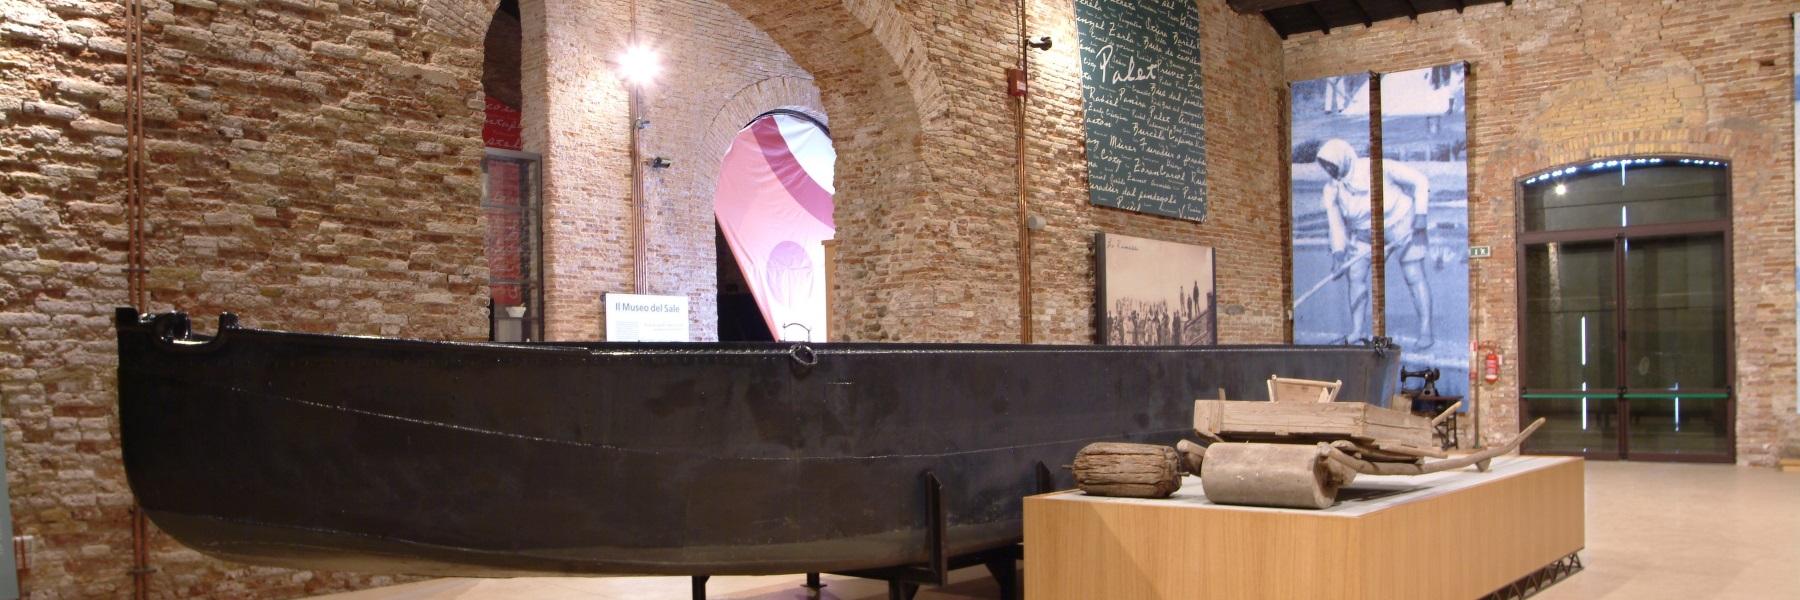 Visites guidées au Musée du Sel